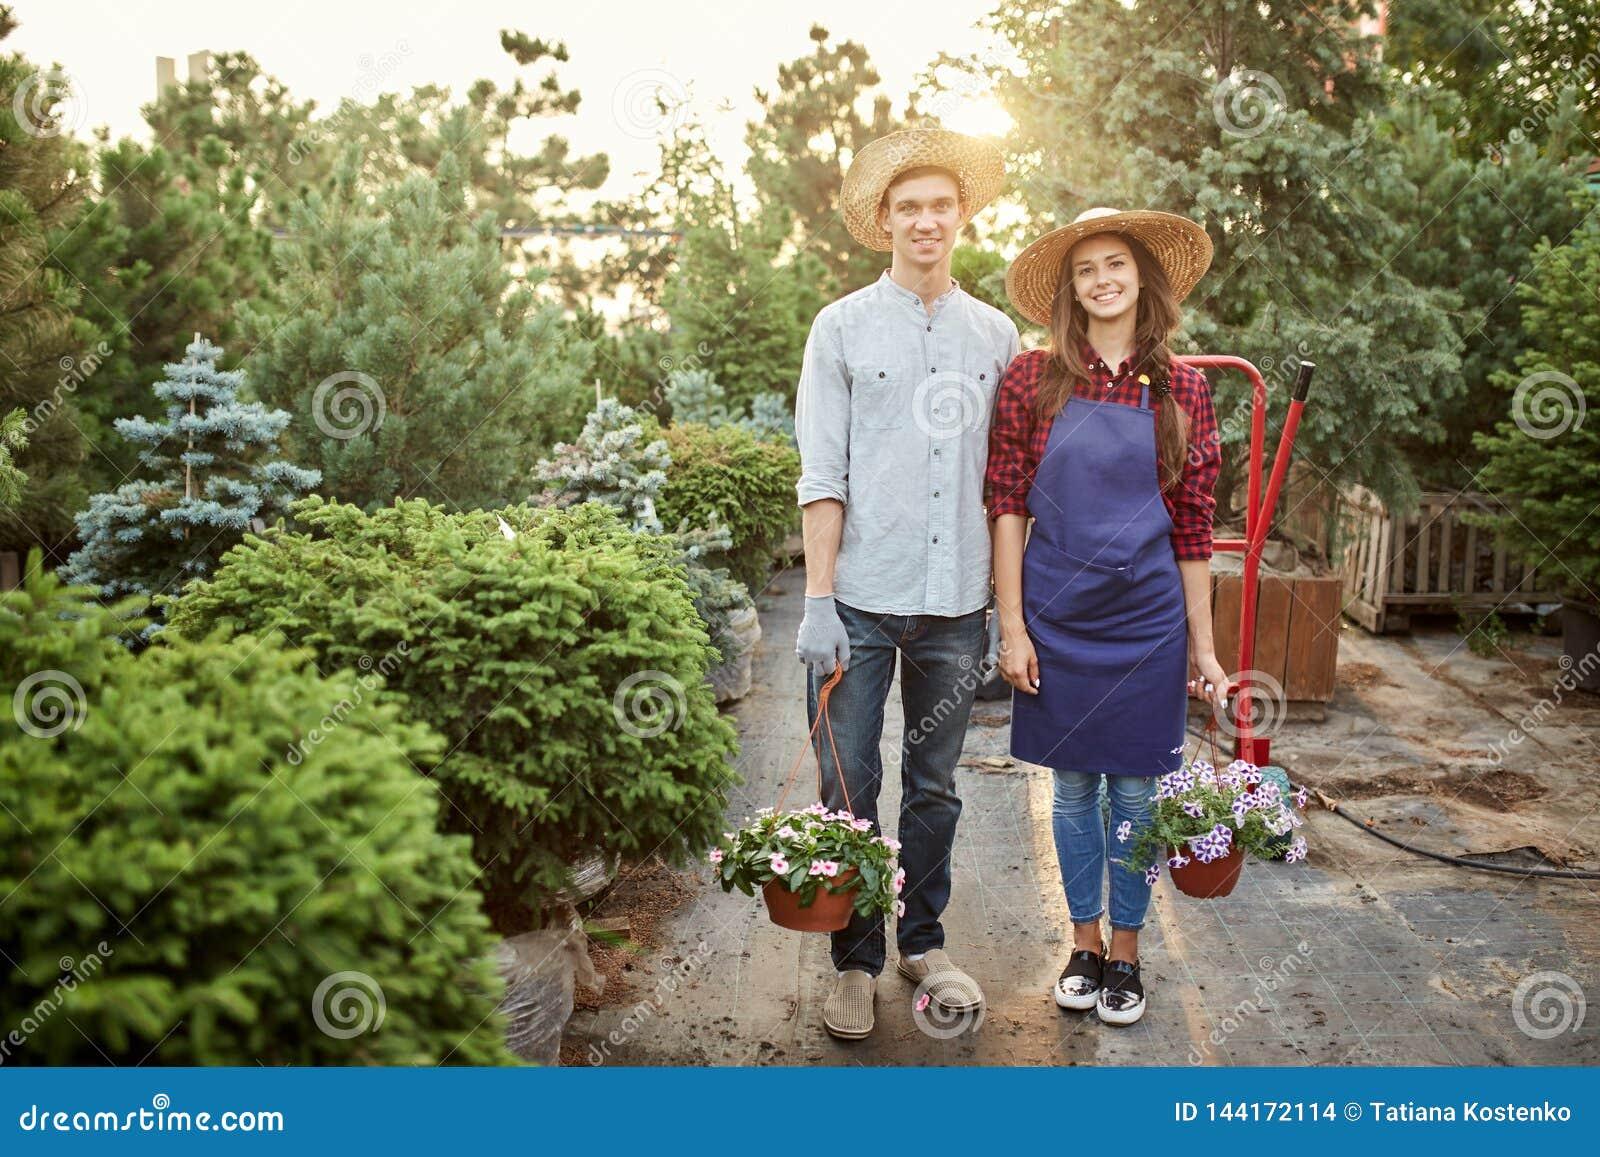 Faceta i dziewczyny ogrodniczki w słomianych kapeluszy stojaku na puszkują z cudowną petunią wewnątrz na ciepłym dniu